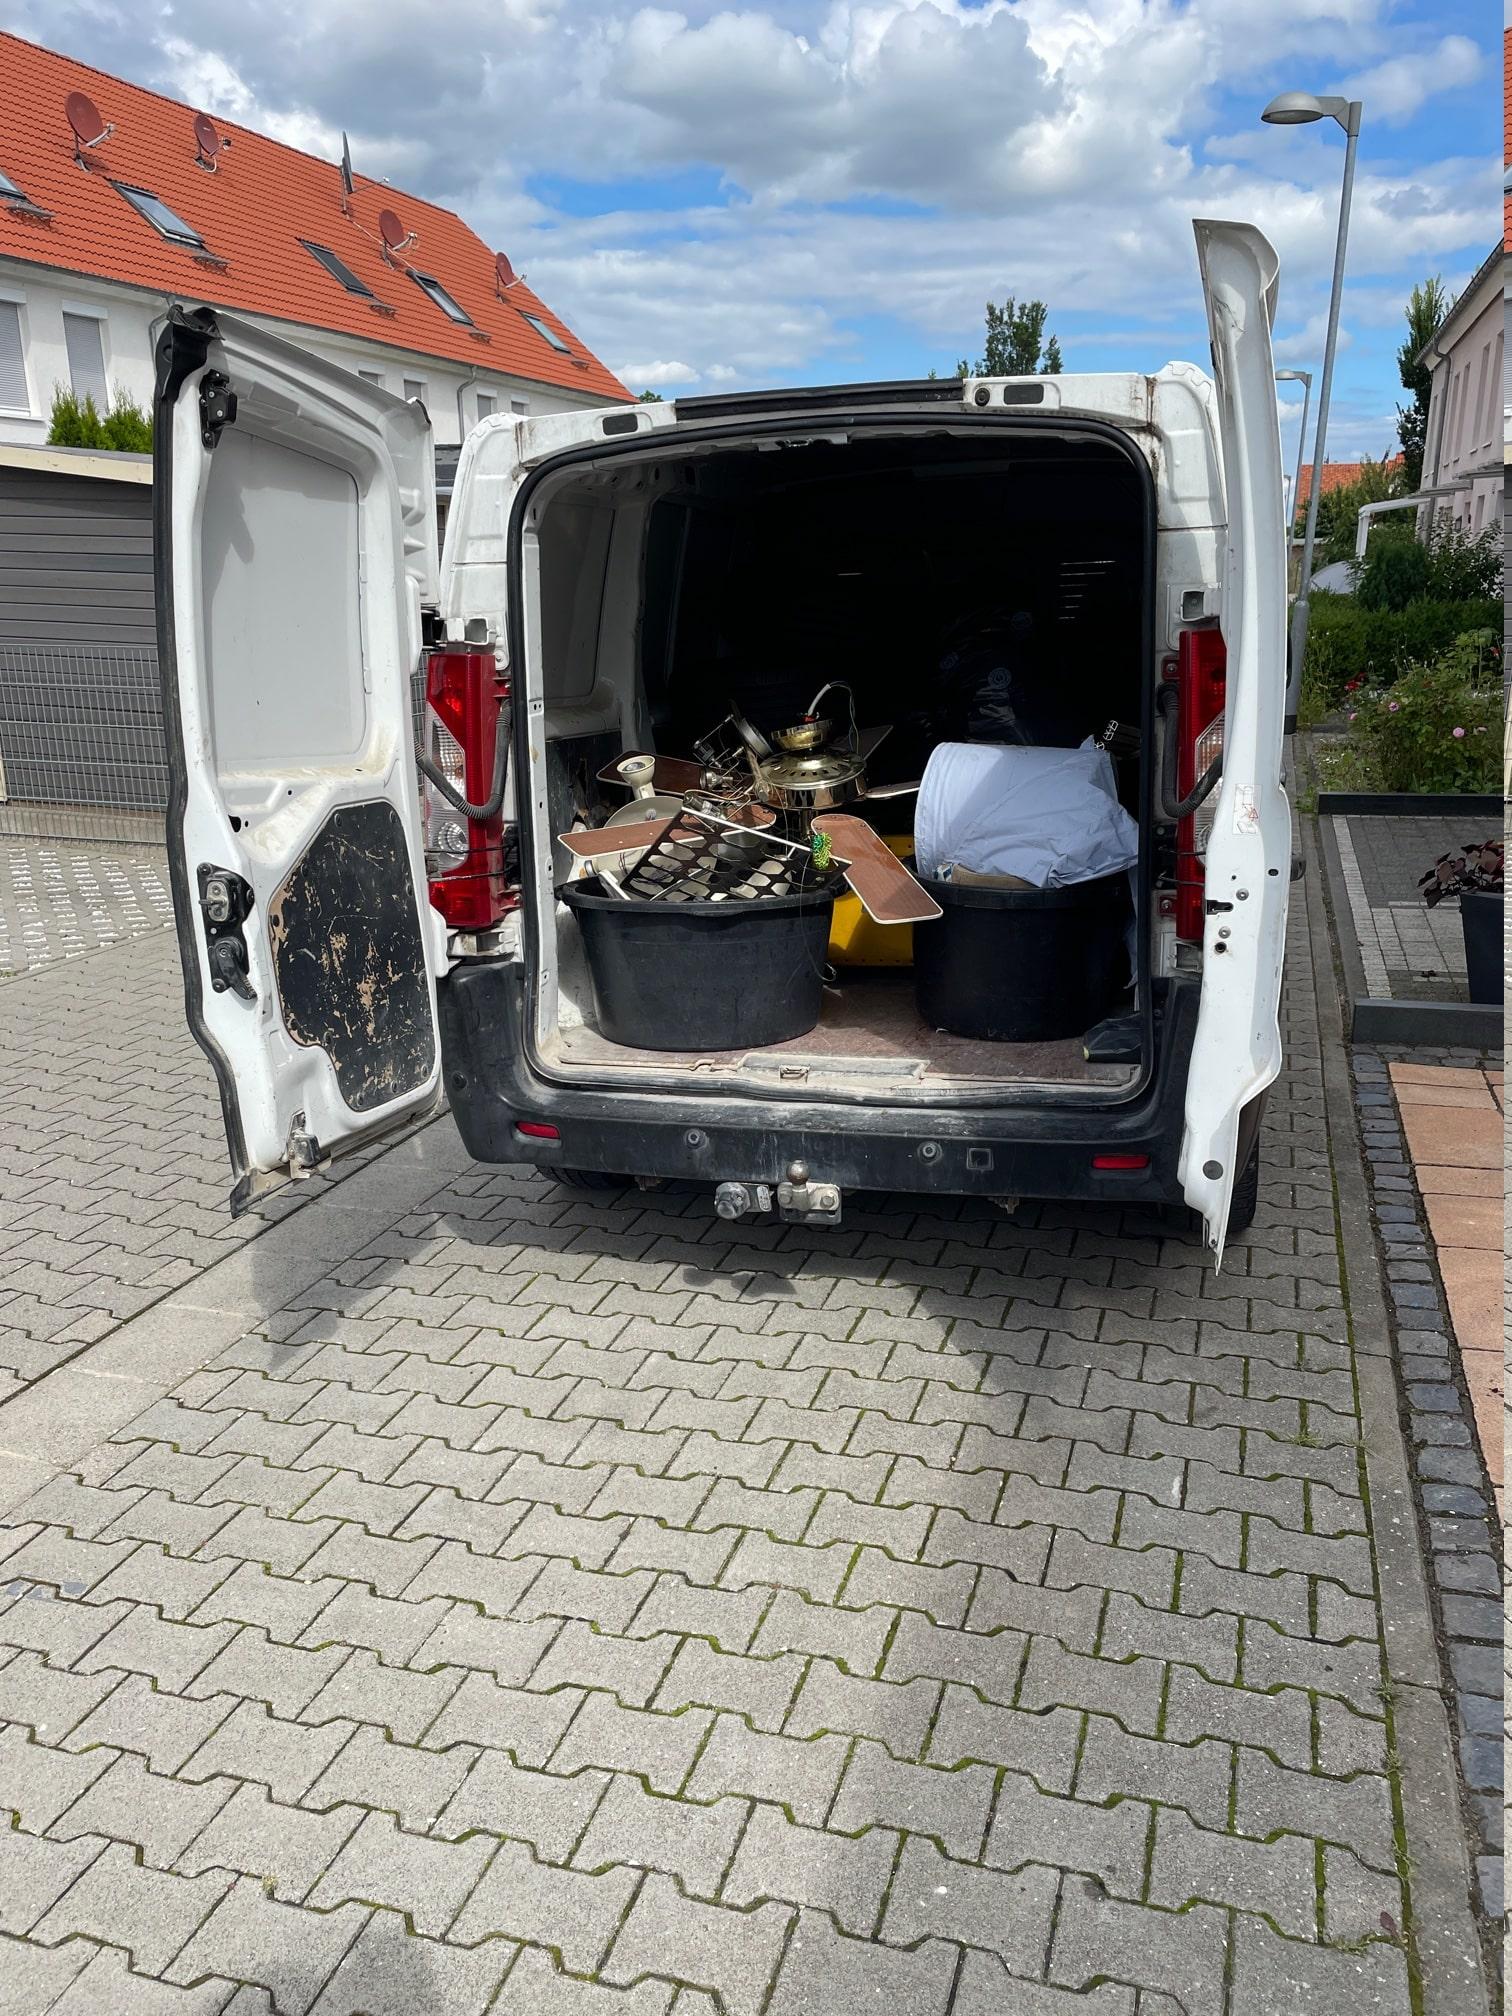 Haushaltsauflösungen in Mainz Entrümpelungen in Mainz und Umgebung